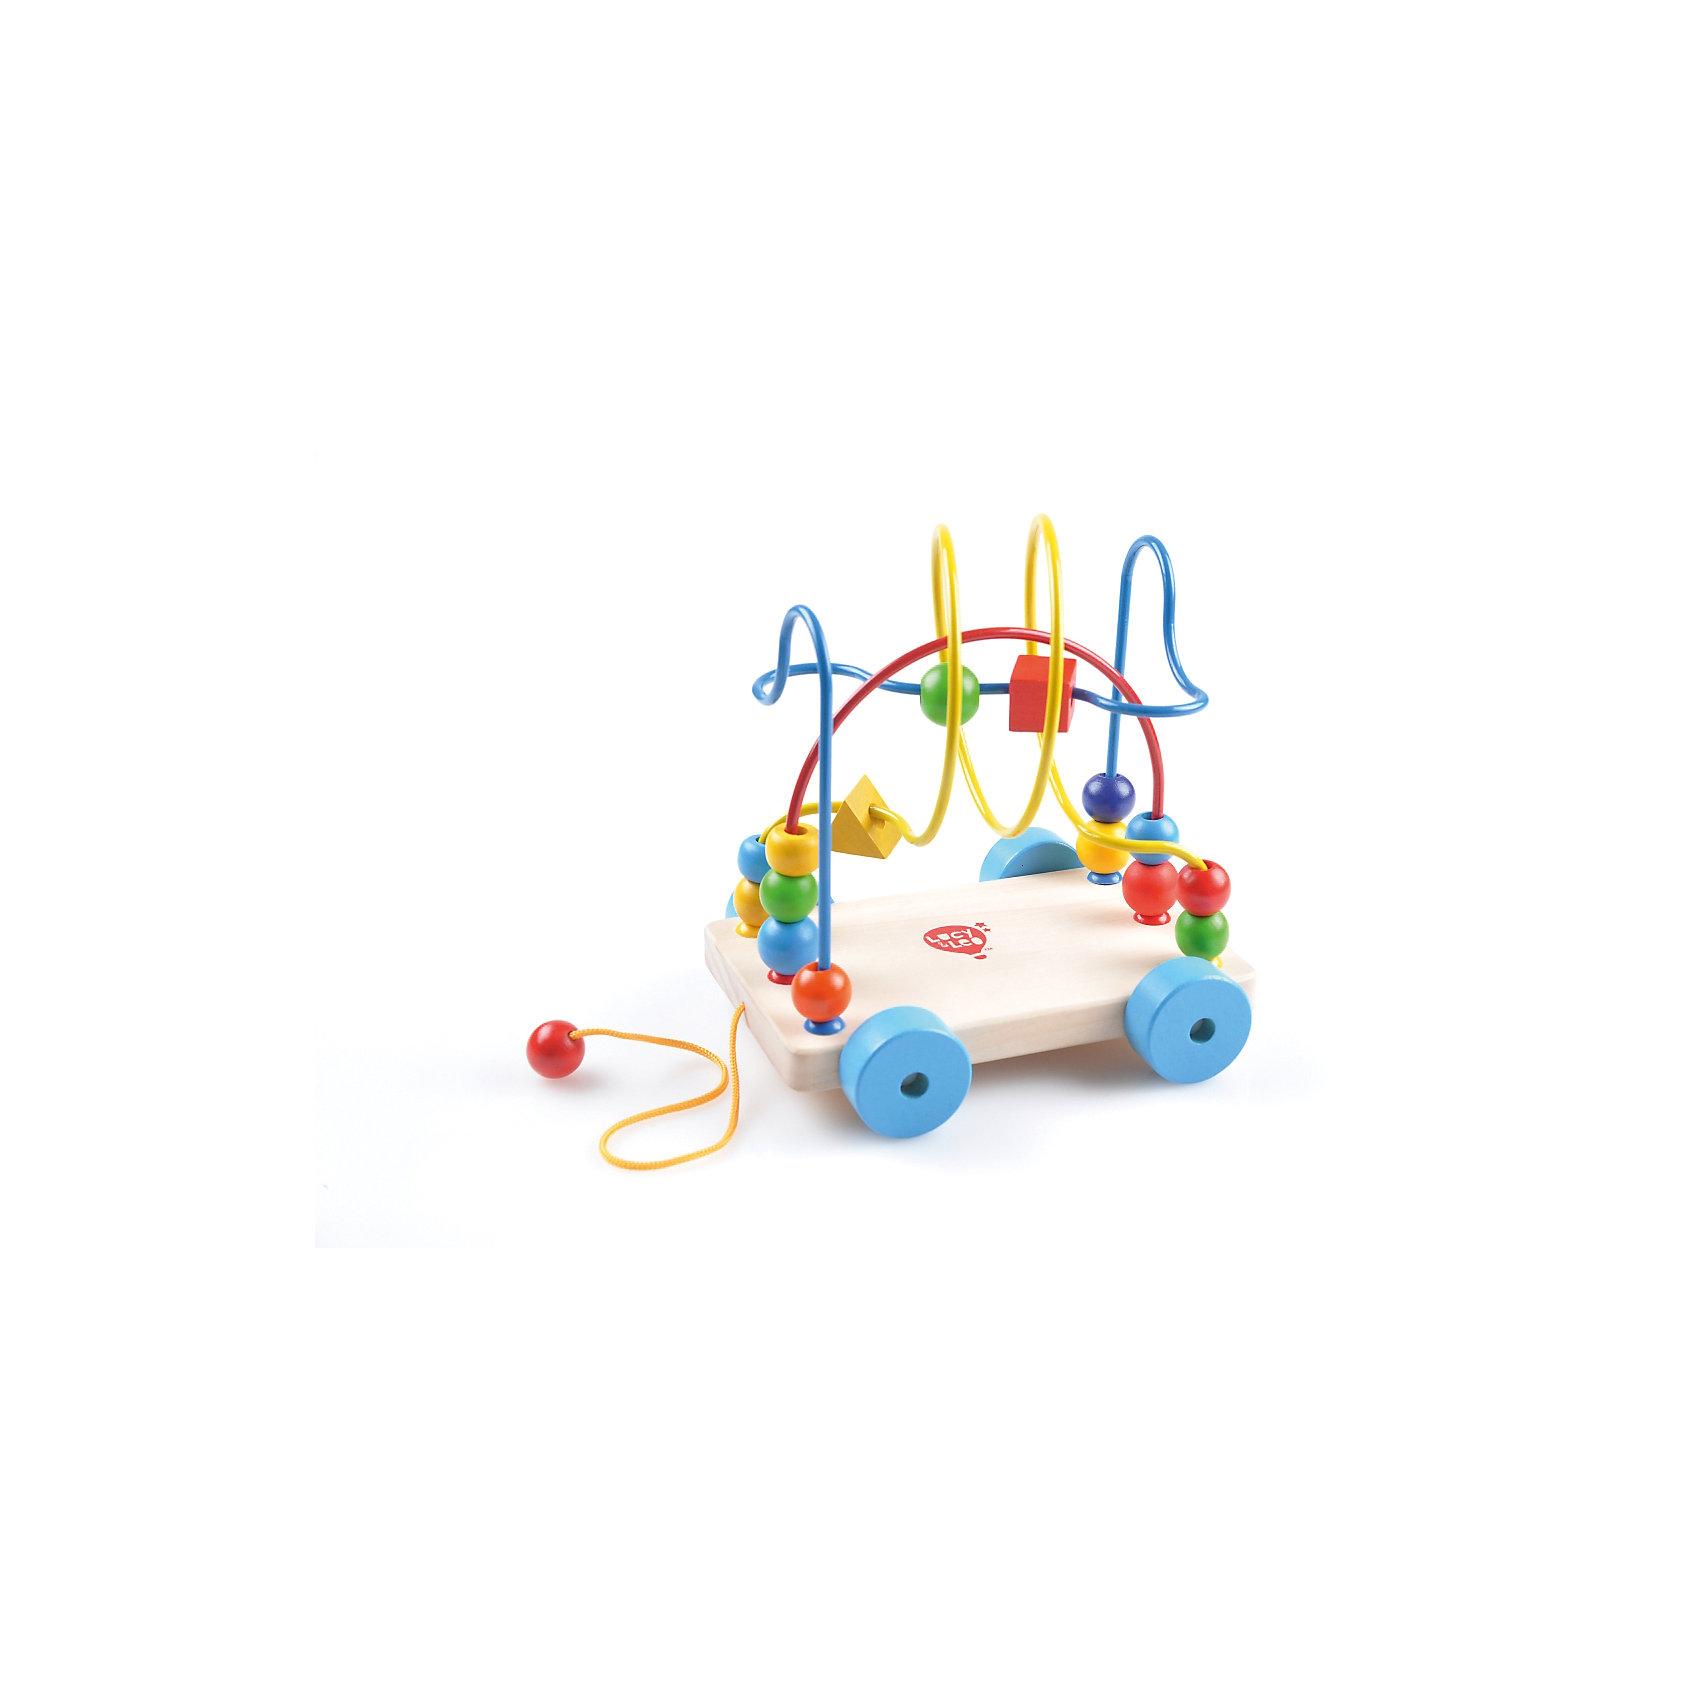 Лабиринт-Каталка, Мир деревянных игрушек